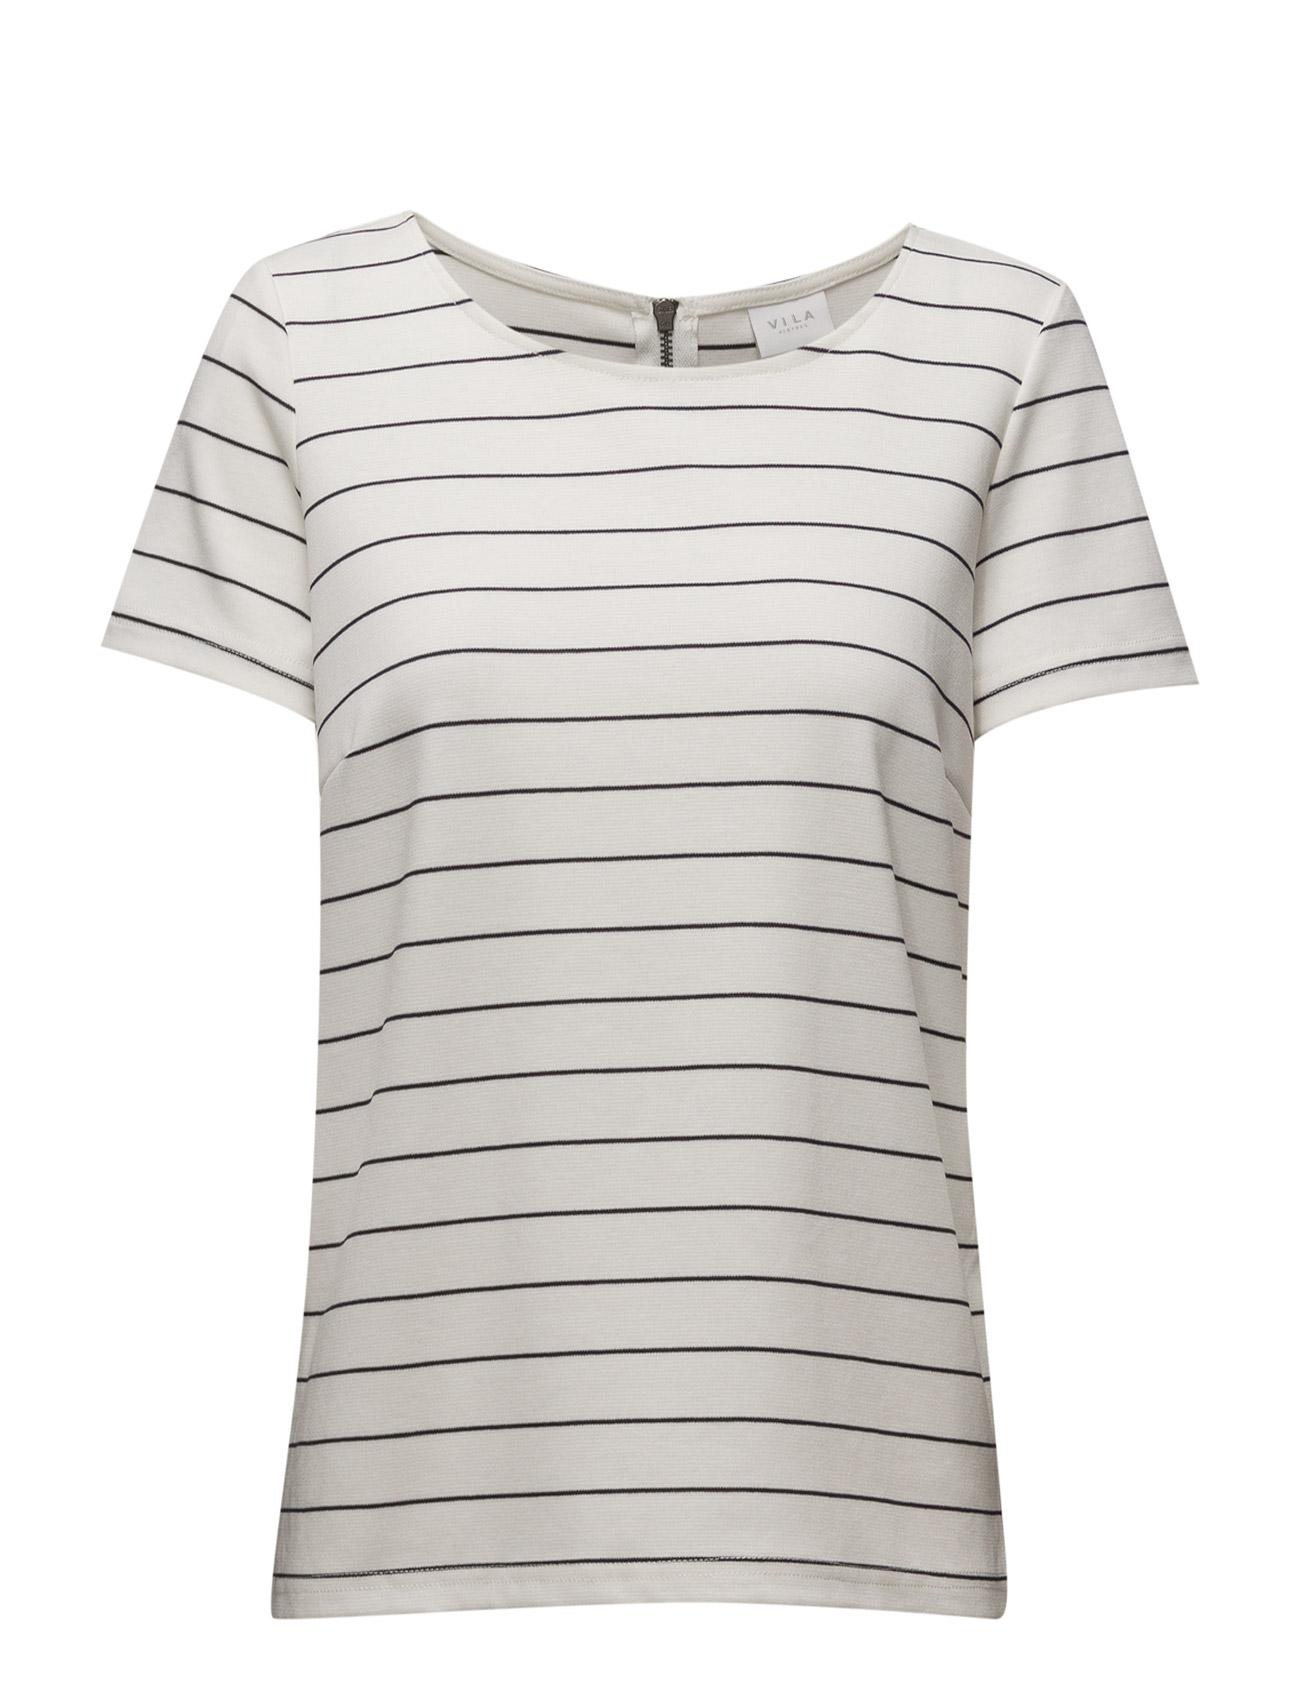 Vitinny S/S Top-Noos Vila T-shirts & toppe til Kvinder i Sne hvid